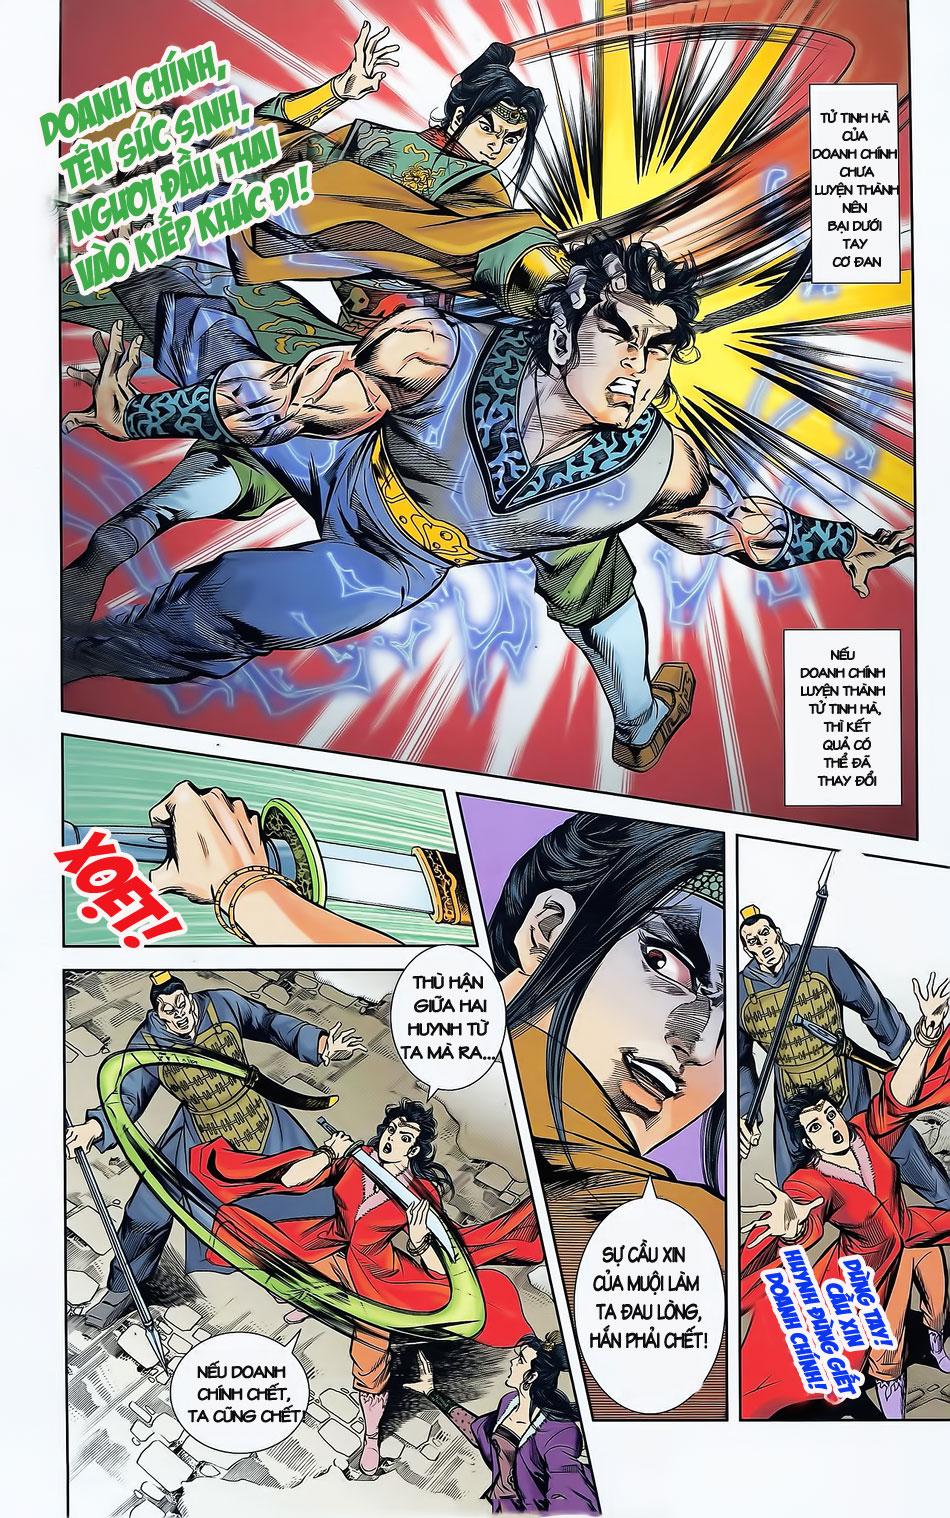 Tần Vương Doanh Chính chapter 2 trang 28